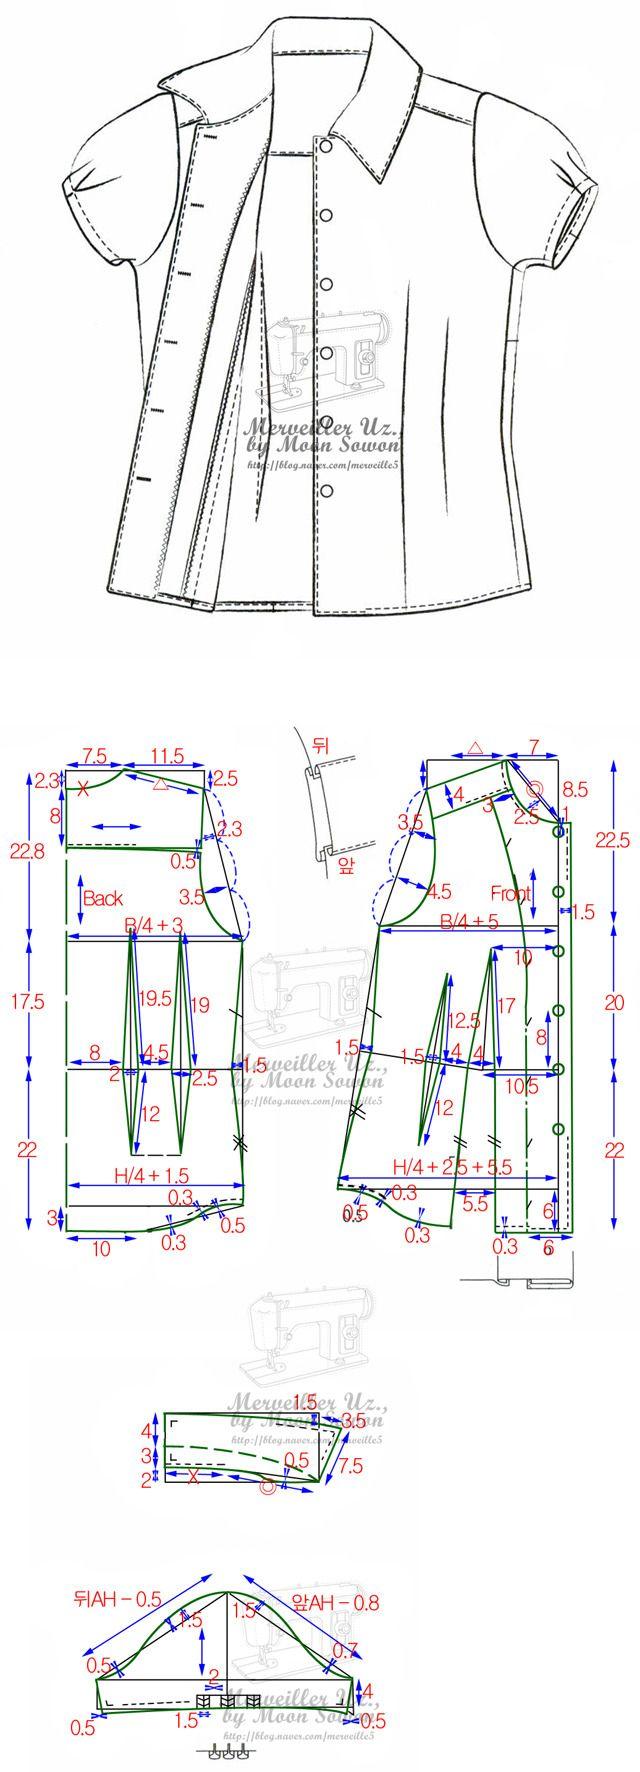 Molde de camisa | vero campos | Costura, Camisa molde y Patrones